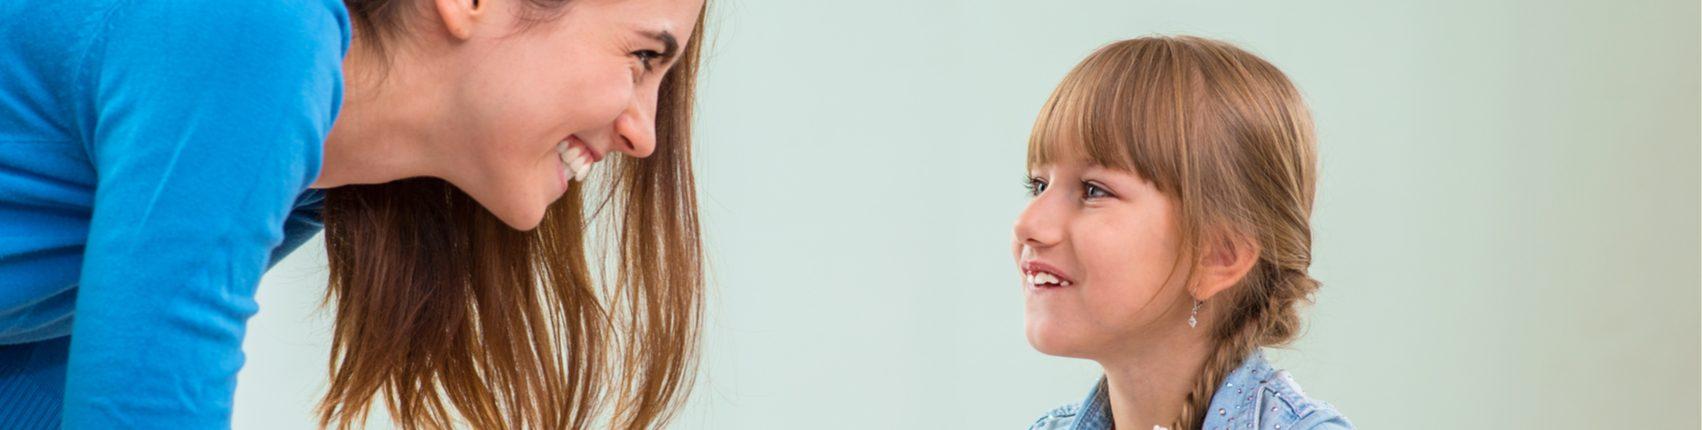 remedial teacher en kind